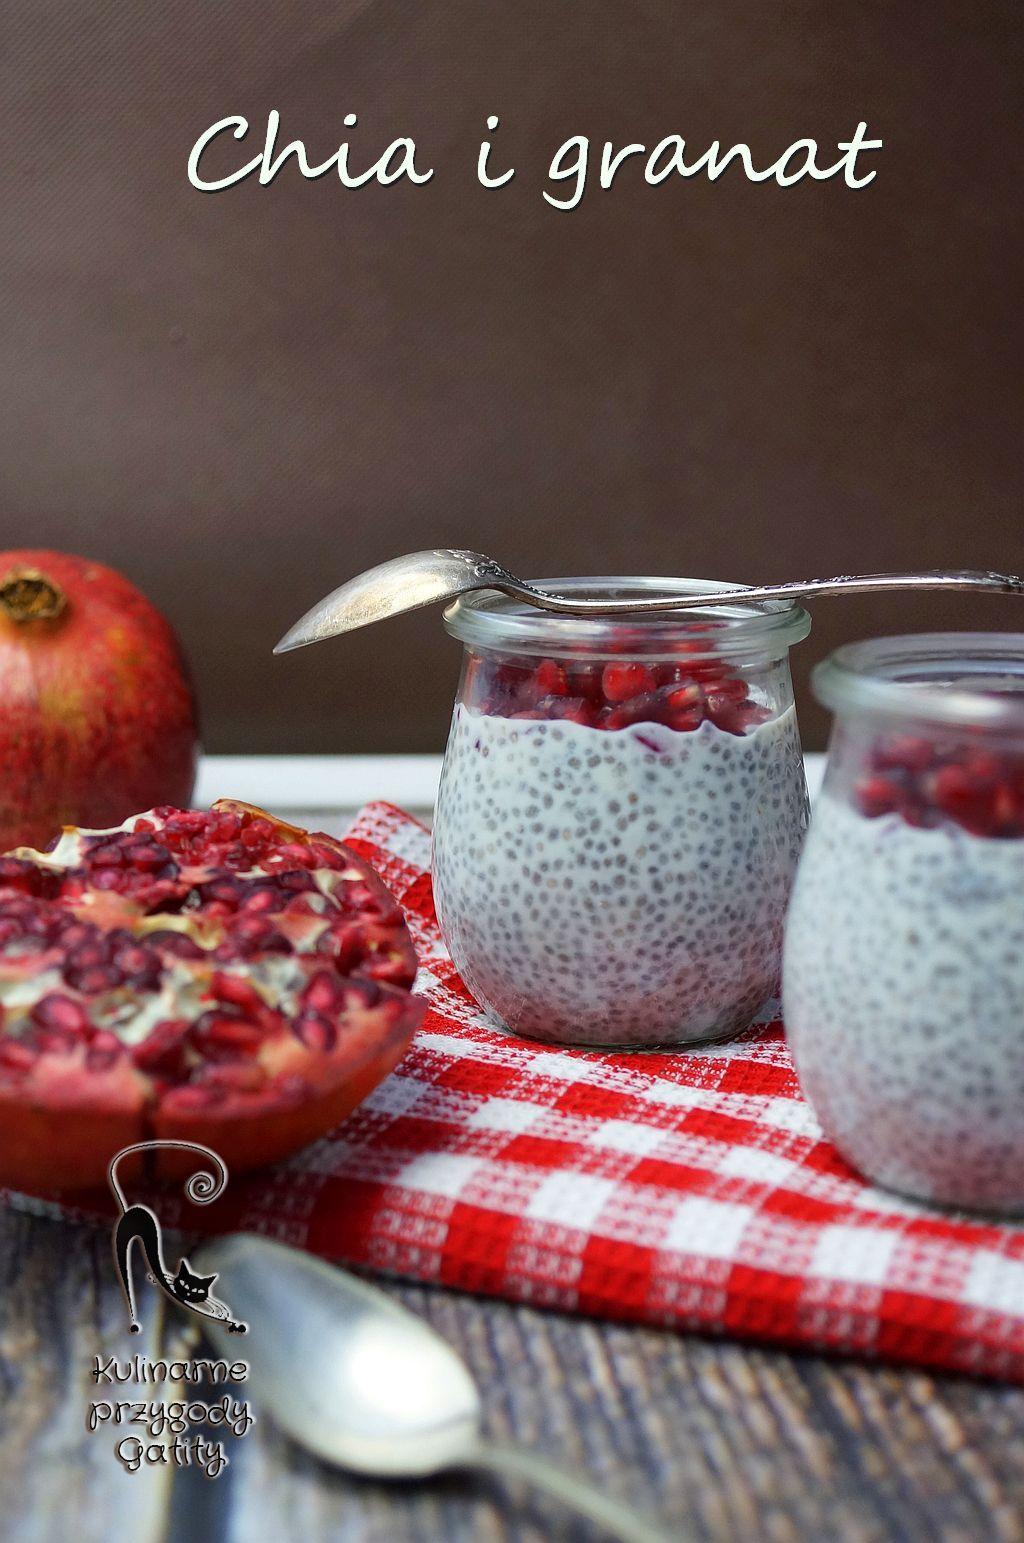 Zdrowe Sniadanie Pudding Chia Z Granatem W 2019 Zarelko Pudding